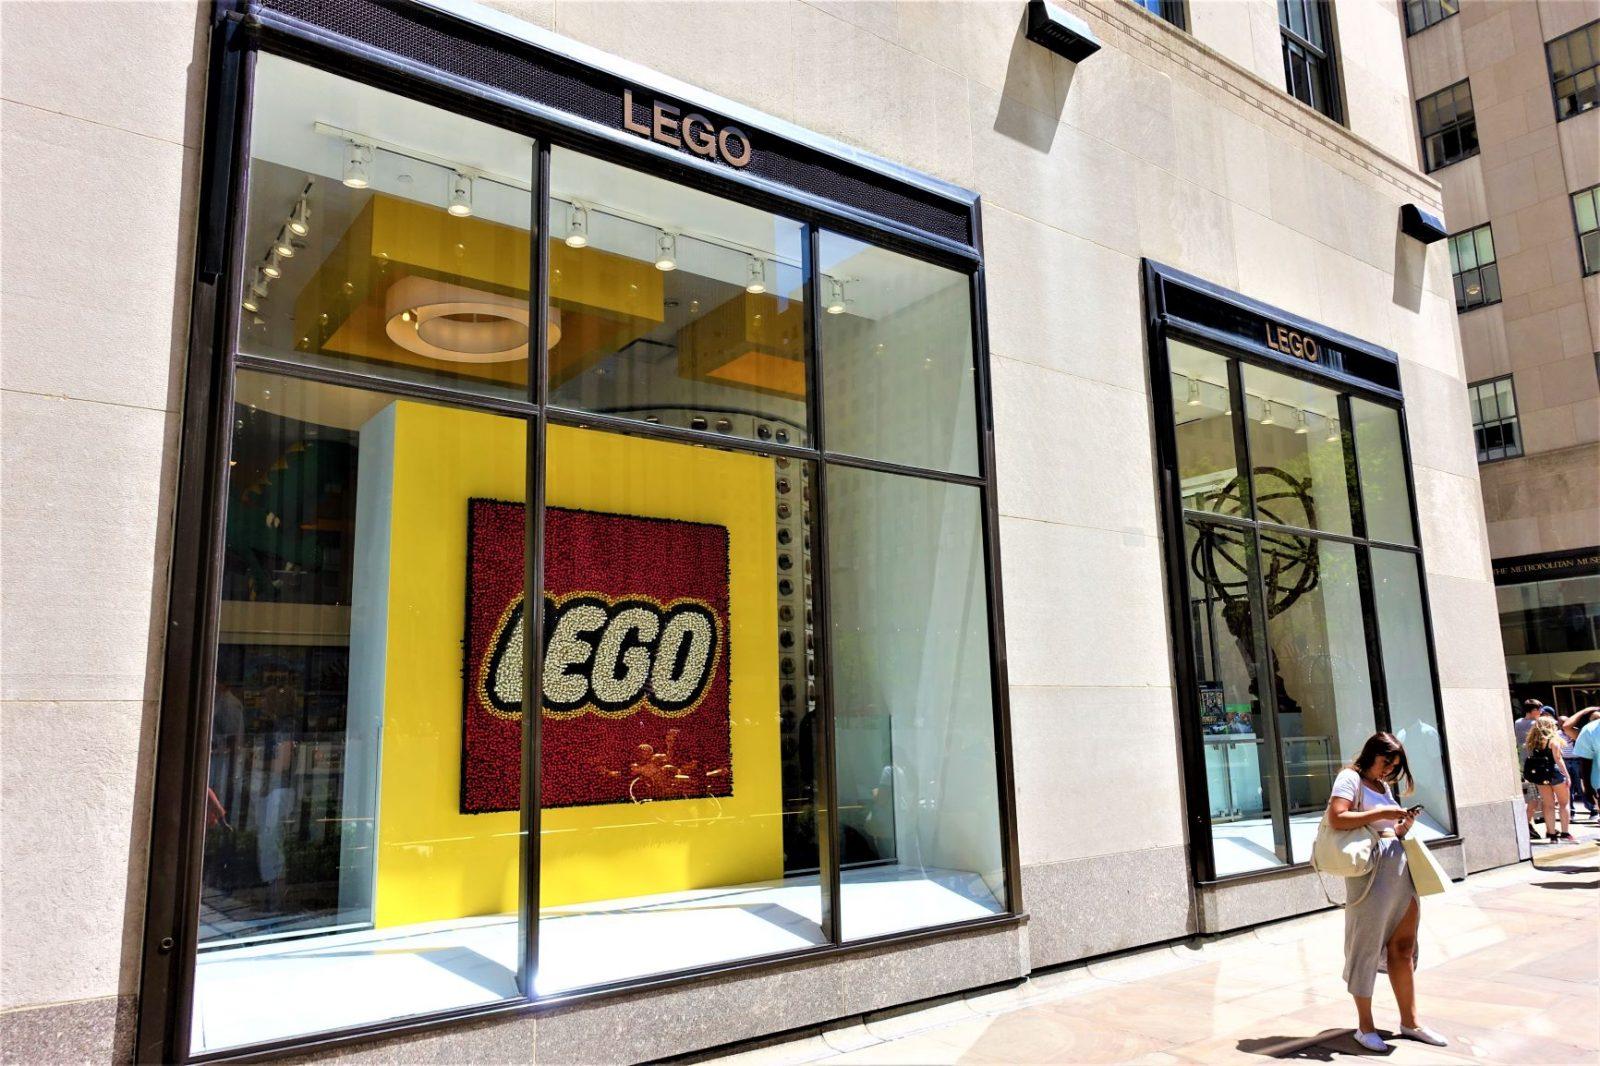 Legobutikken i New york